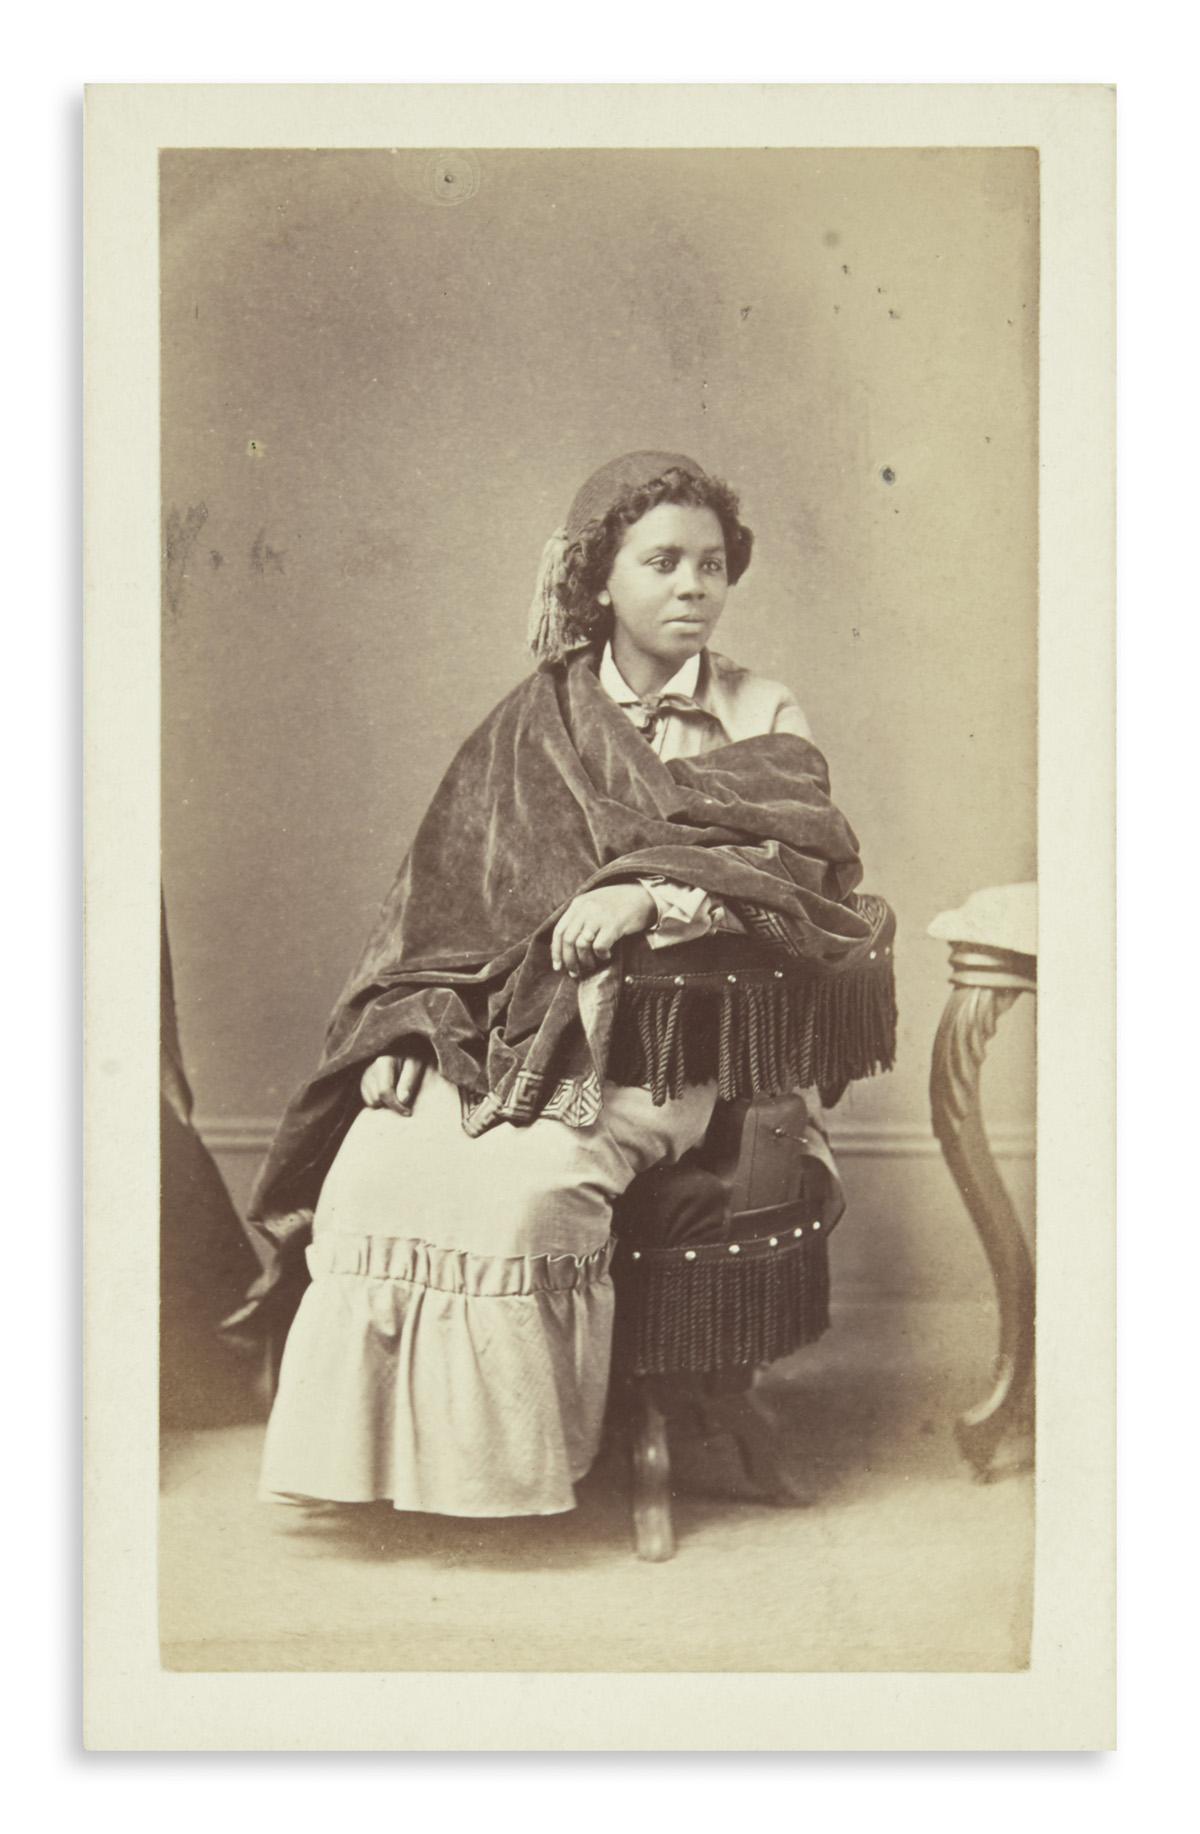 (ART)-Rocher-Henry;-photographer-Carte-de-visite-portrait-of-the-sculptor-Edmonia-Lewis